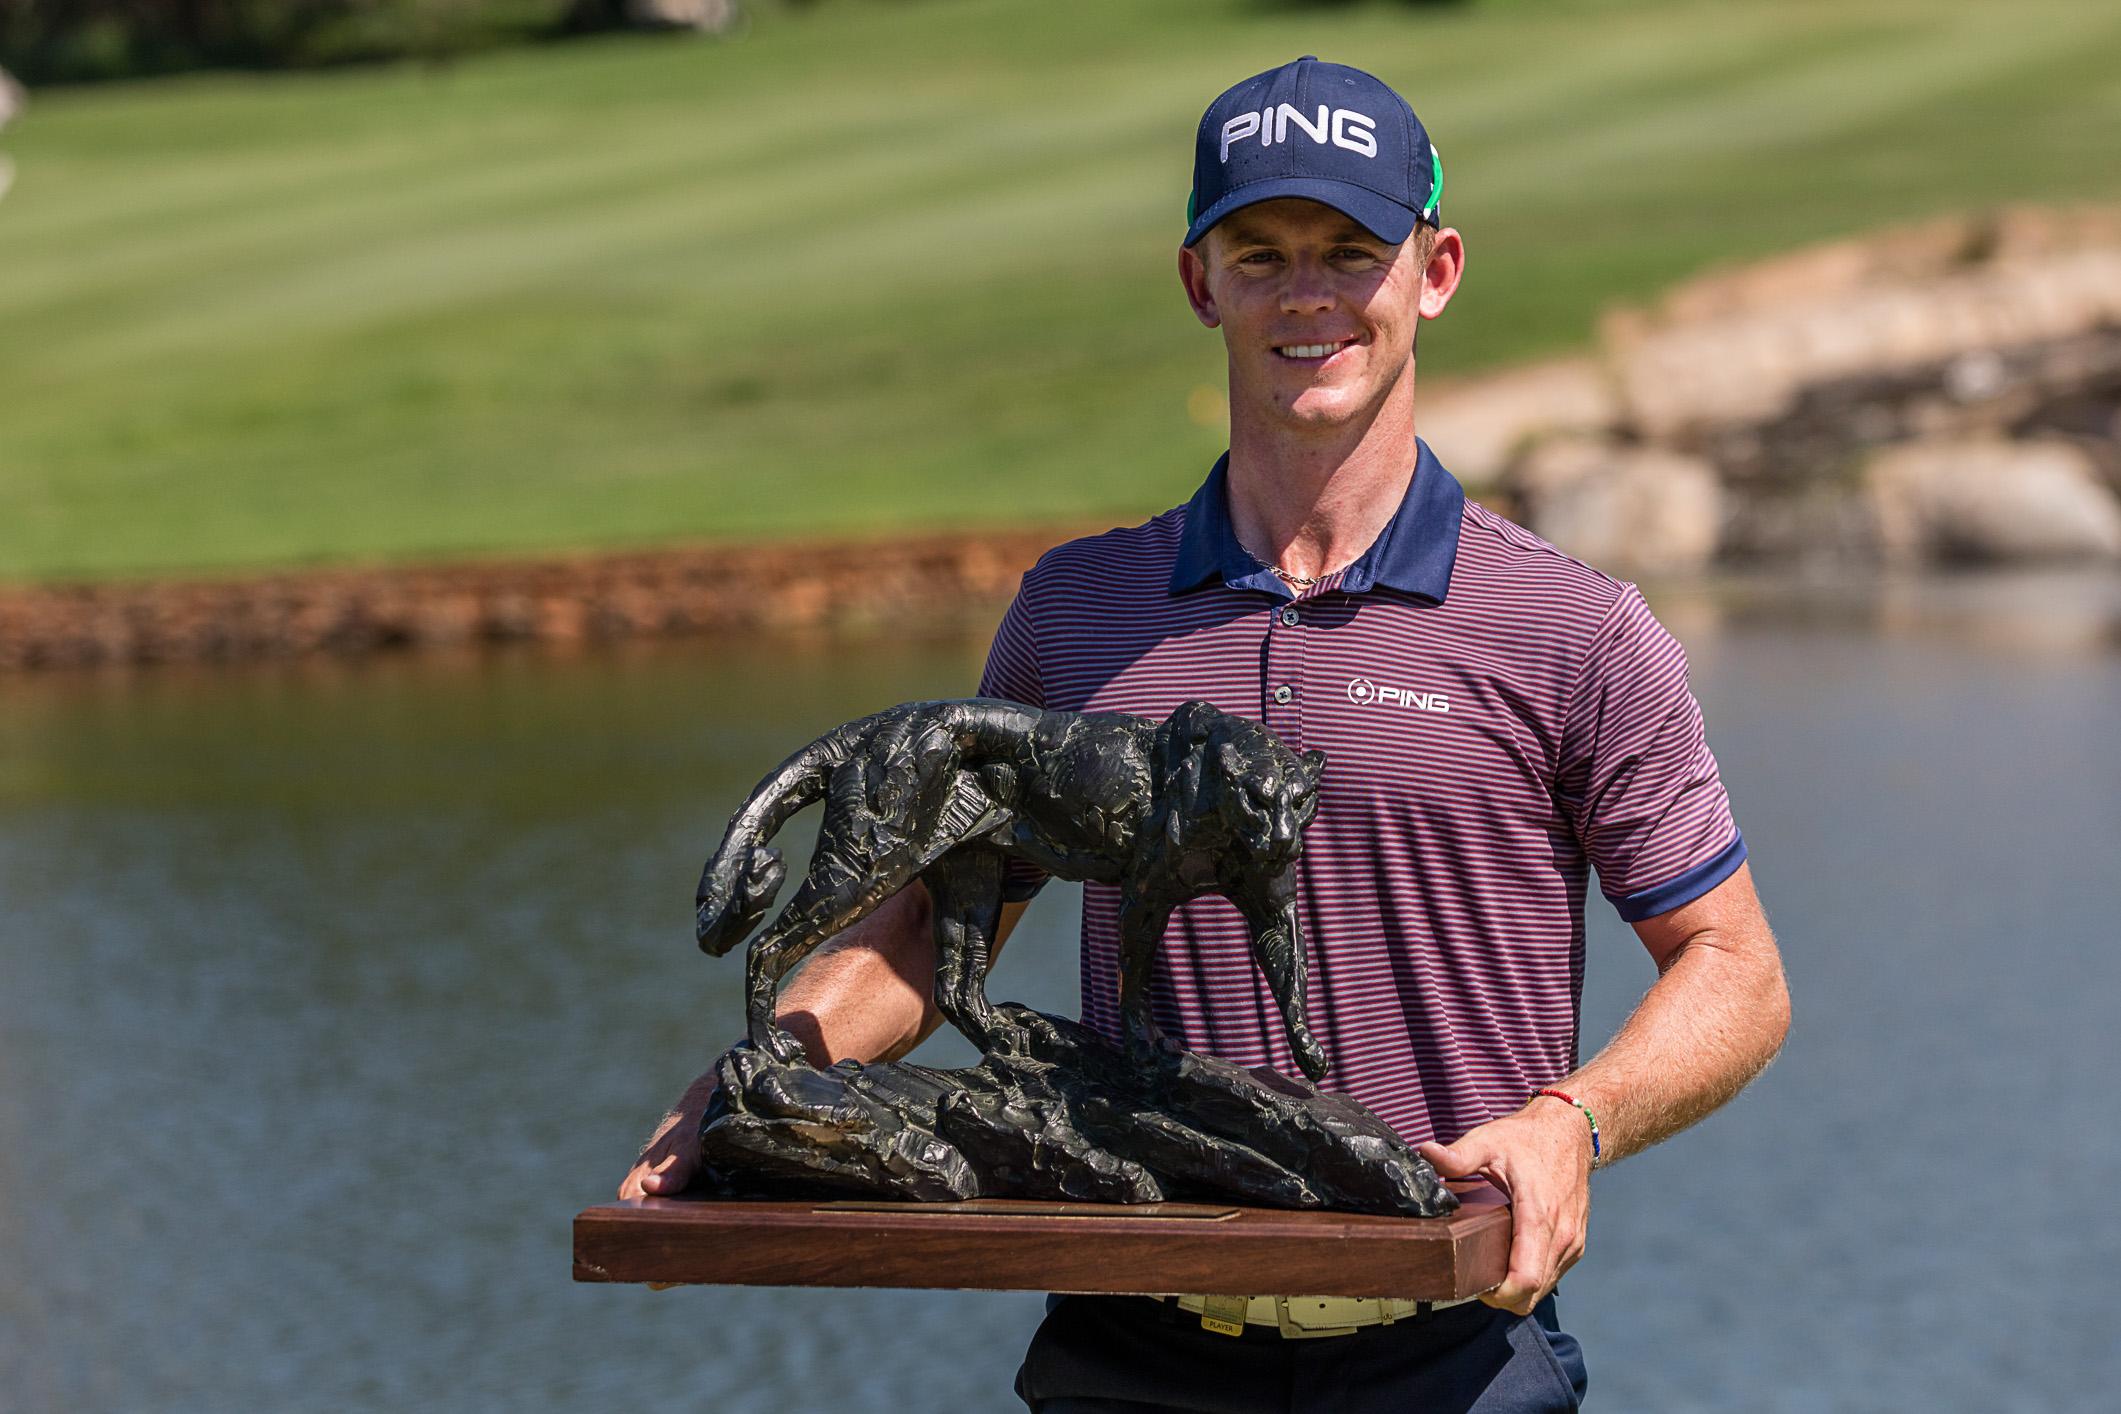 Stone caps magnificent seven-stroke win at Leopard Creek